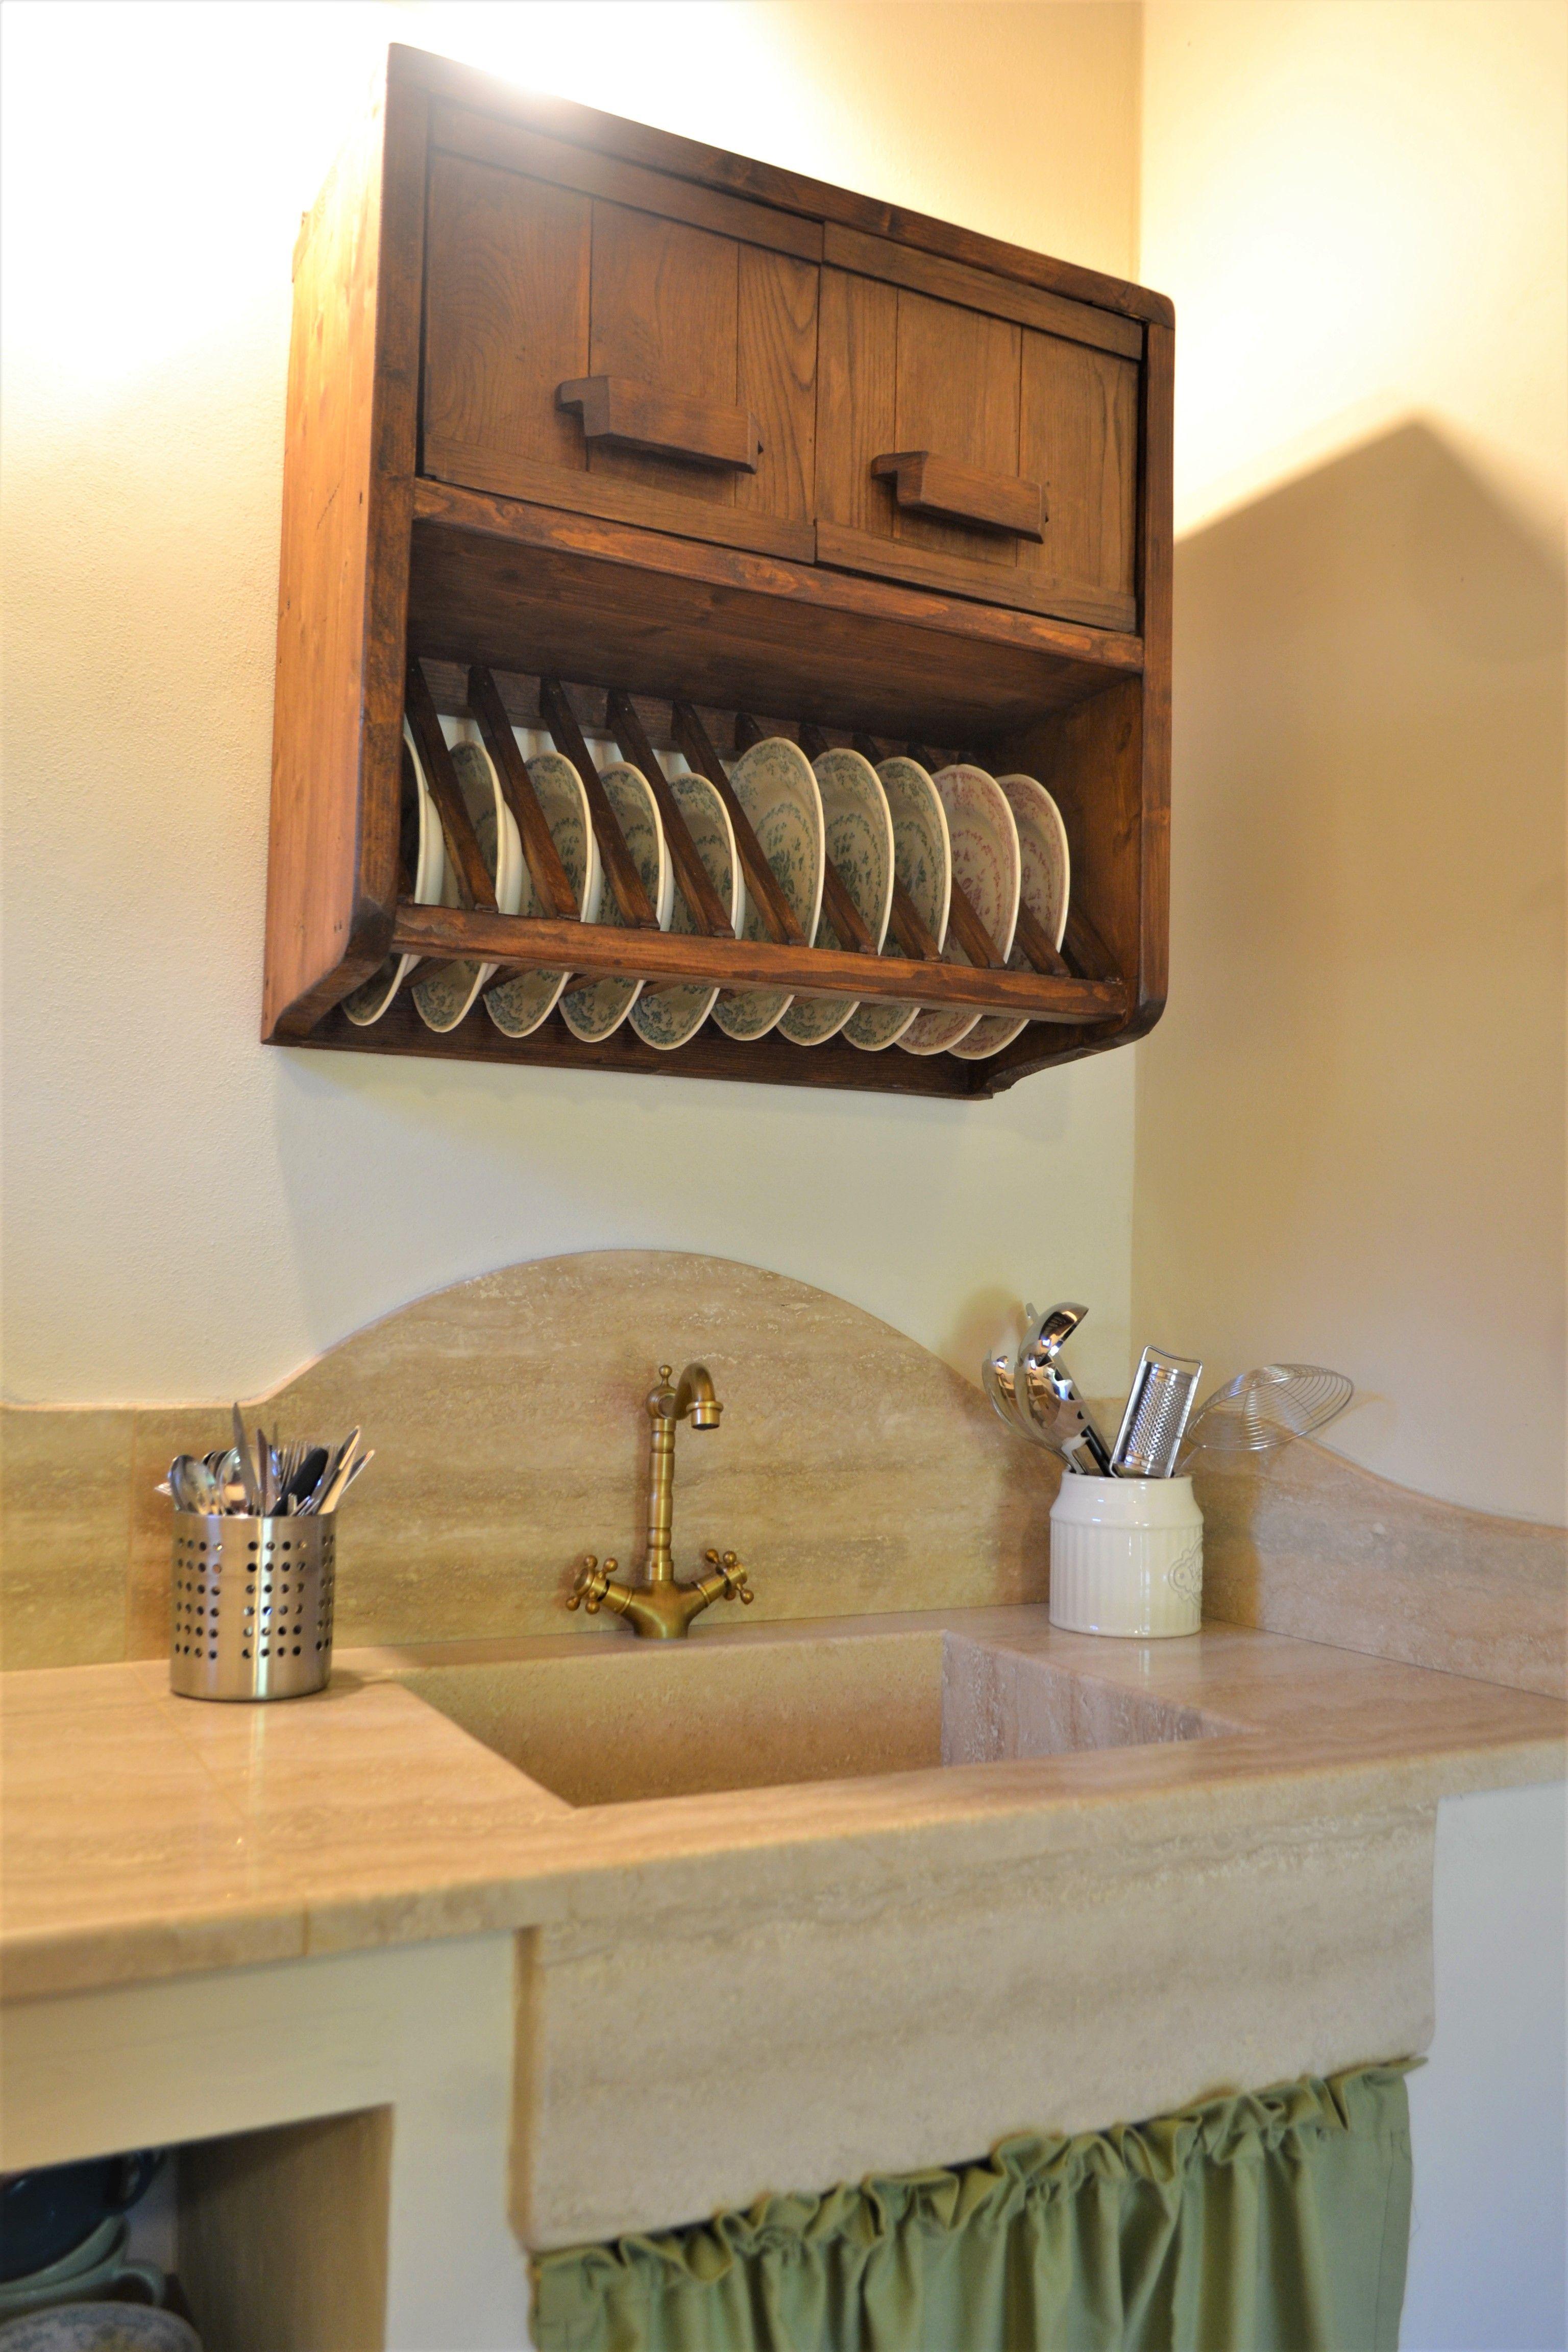 Cucina in stile rustico con piano di lavoro in travertino e mobili in legno di realizzazione artigianale.